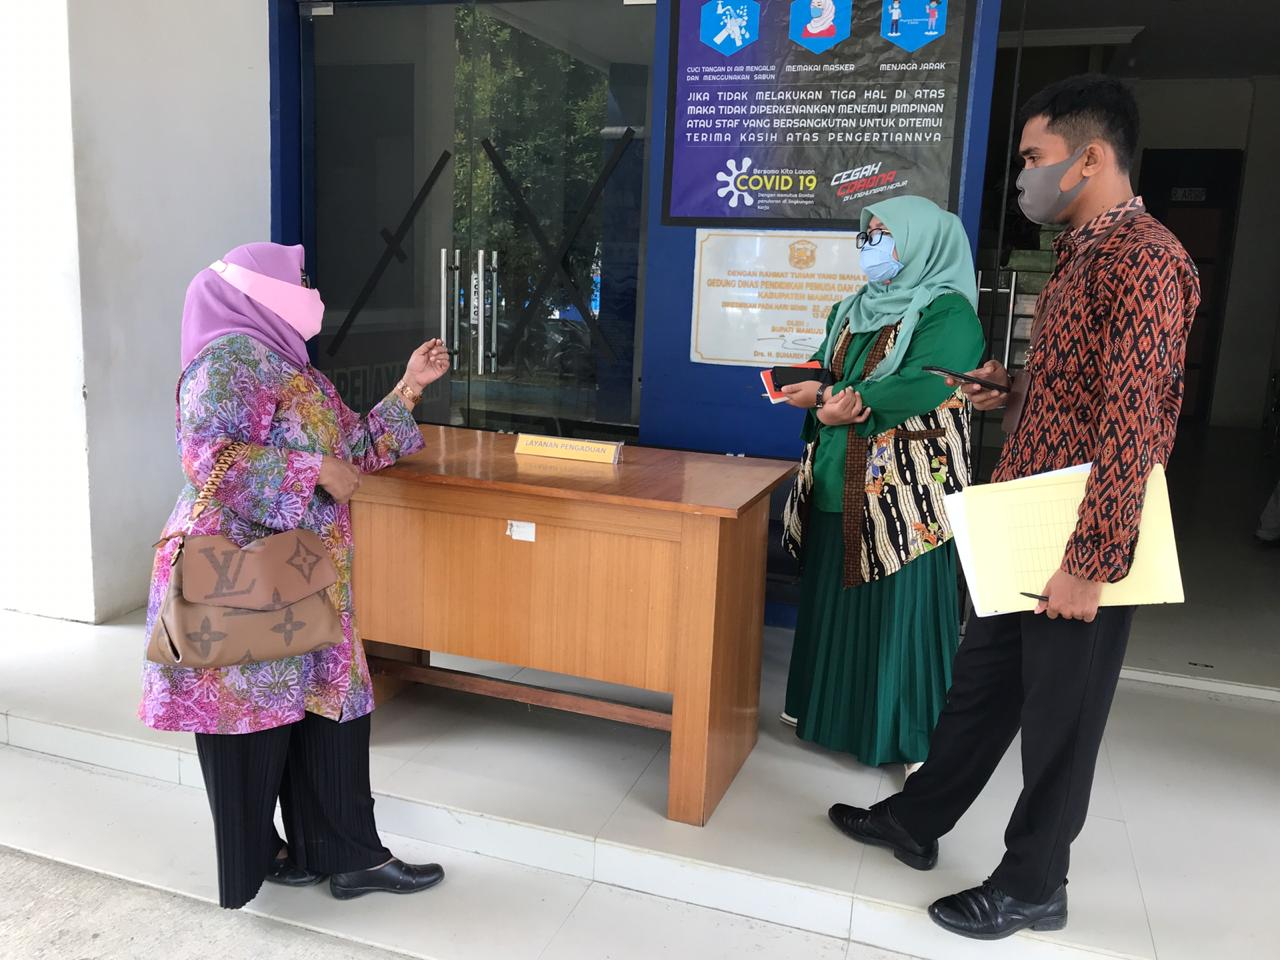 Keluhan Warga Terkait Layanan di SDN Salu Biru yang dilapor ke Ombudsman, Membuahkan Hasil